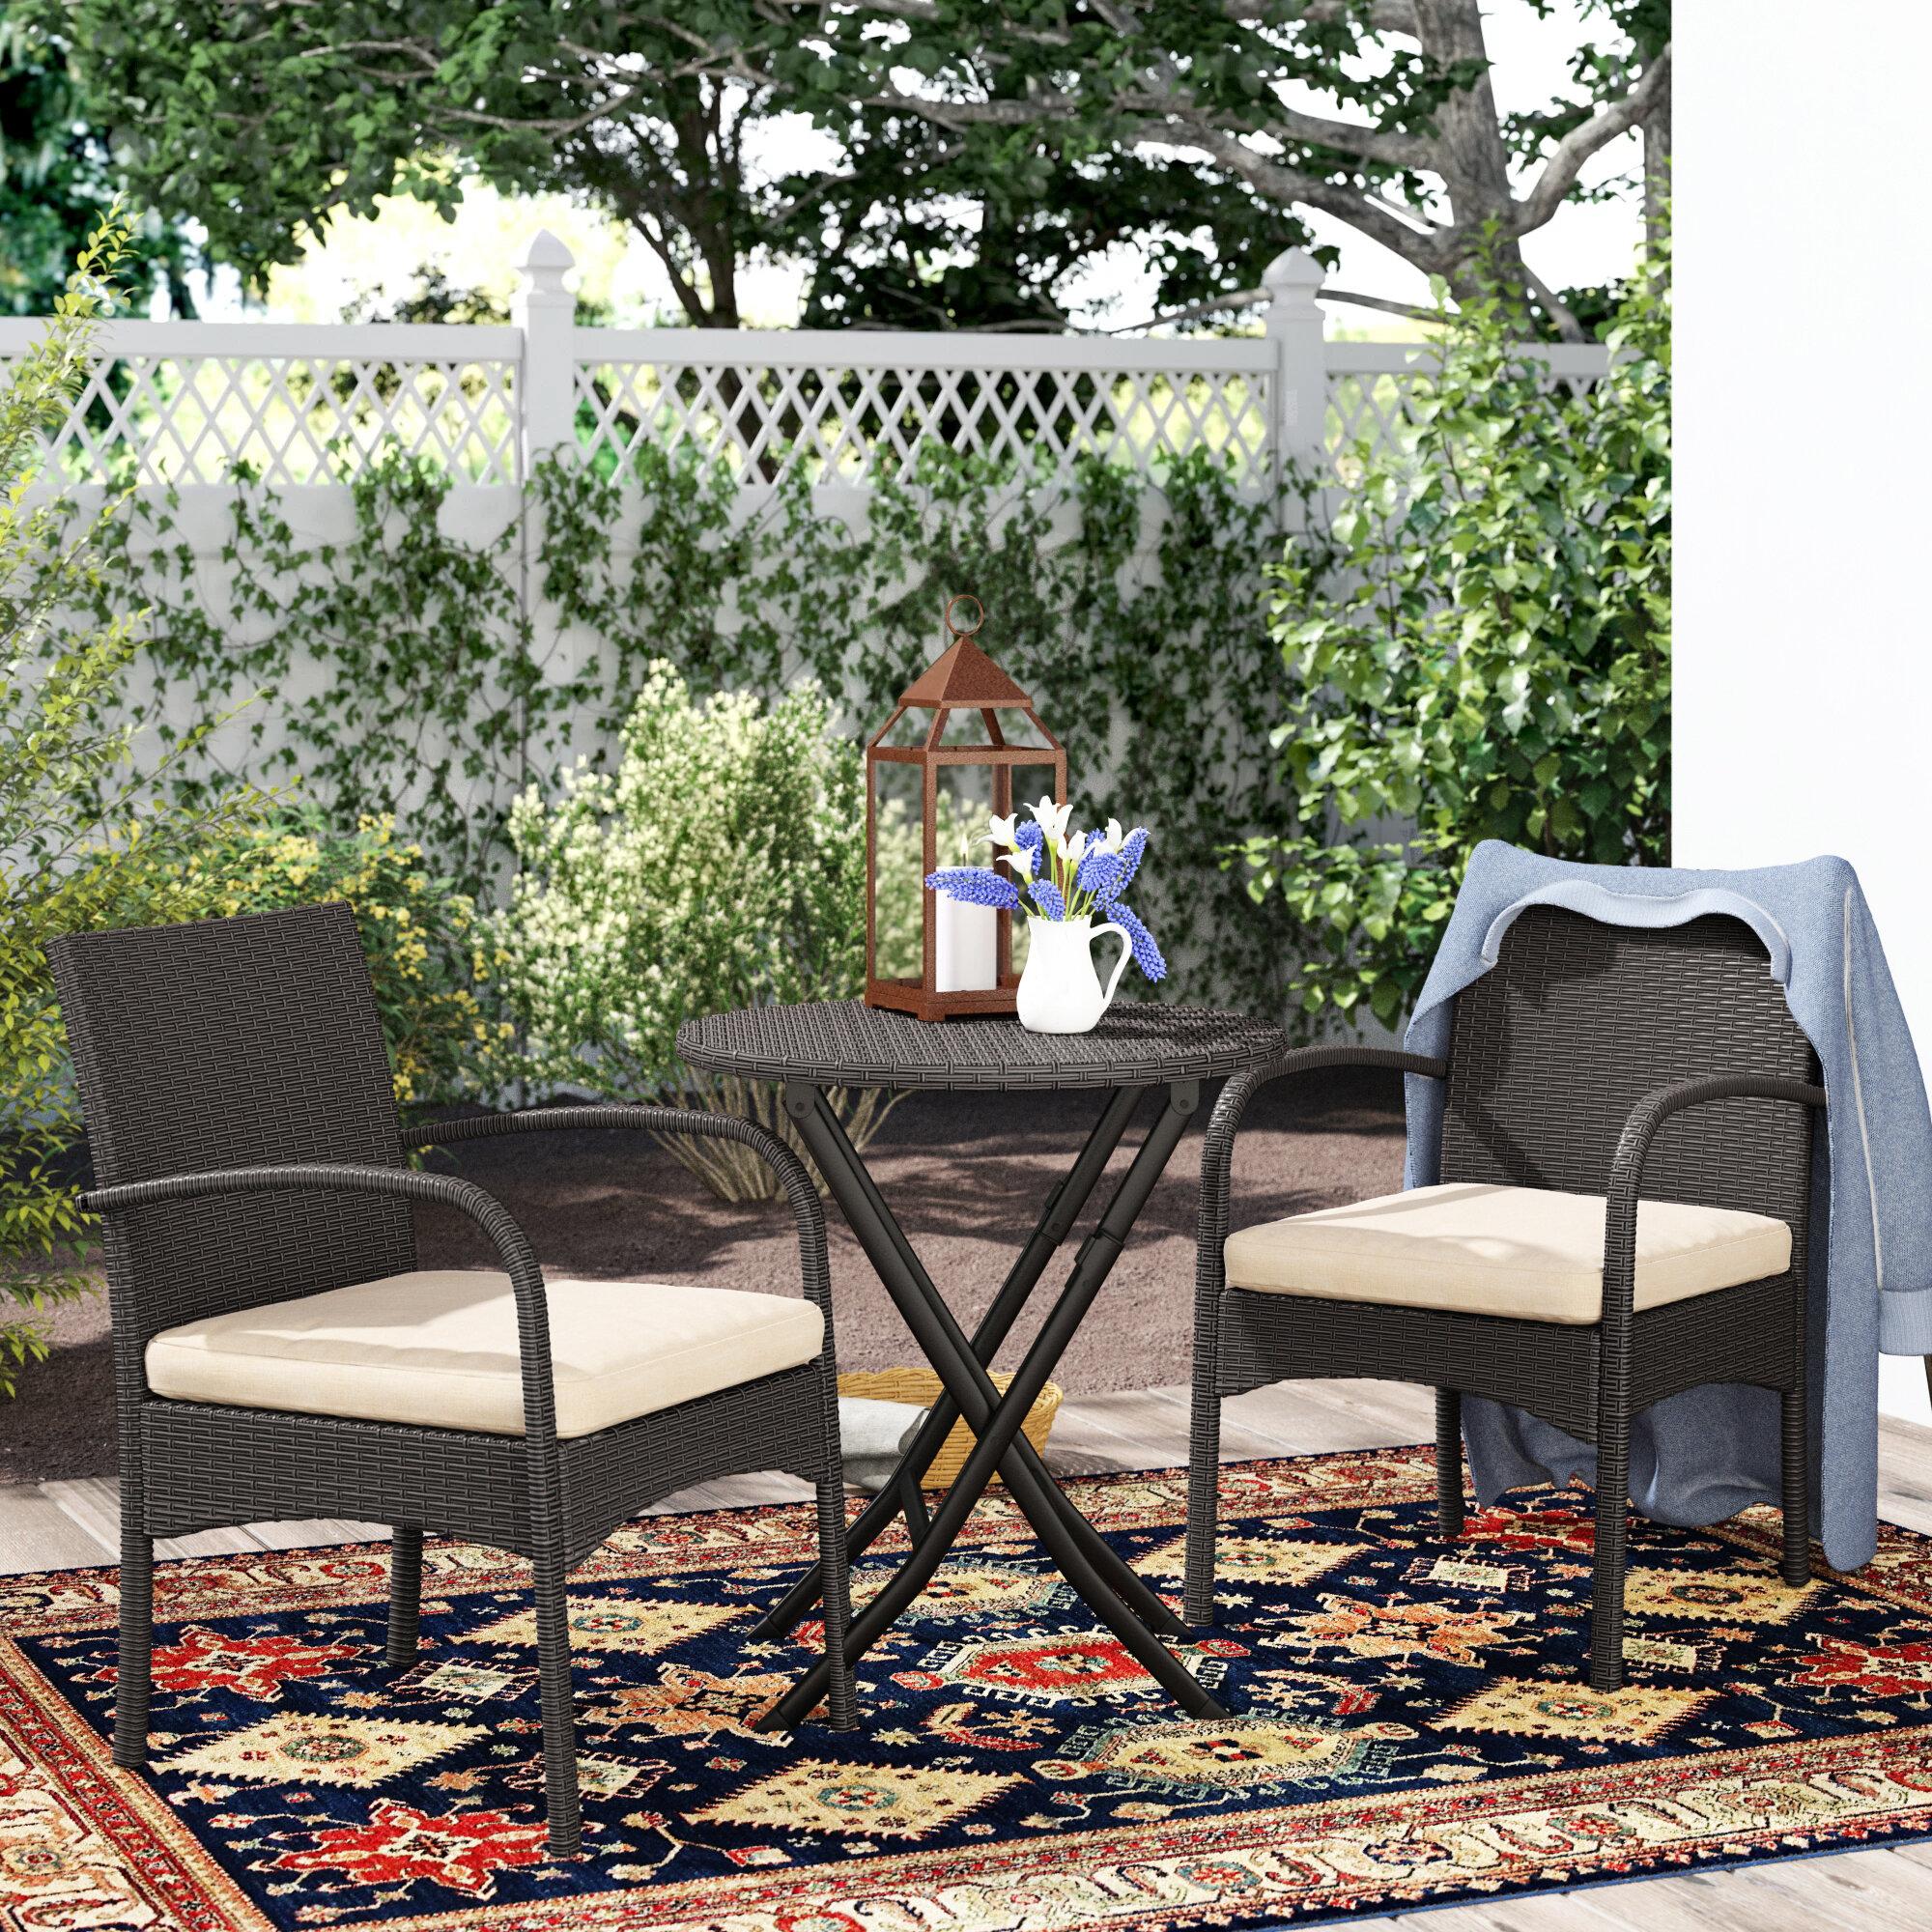 Three Posts Dereham Outdoor 3 Piece Bistro Set with Cushions